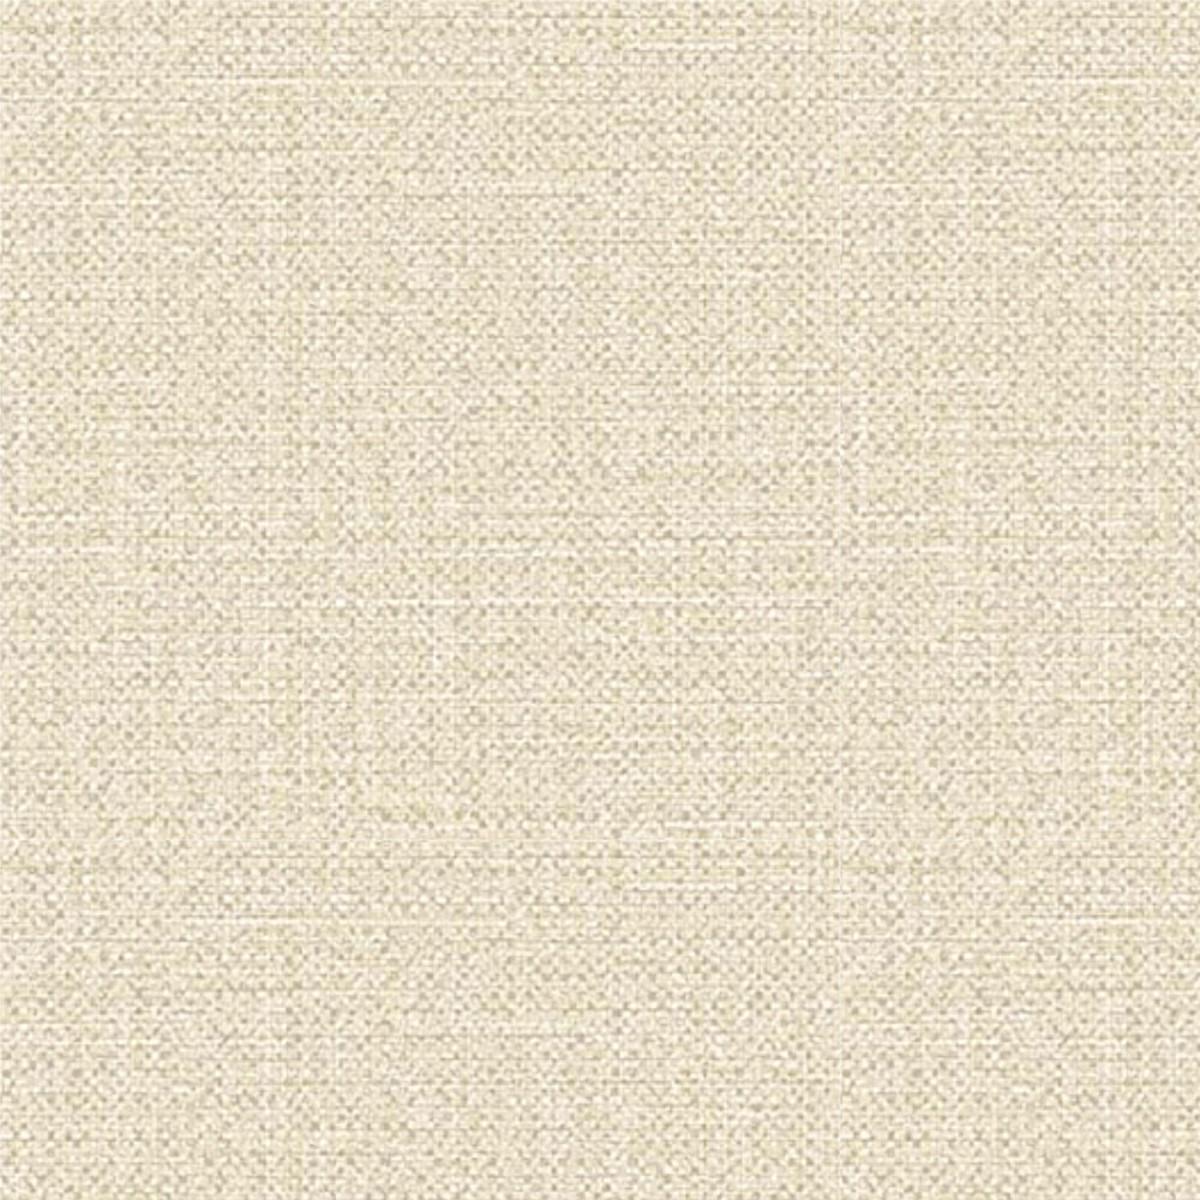 Обои виниловые Gaenari бежевые 1.06 м 82051-5